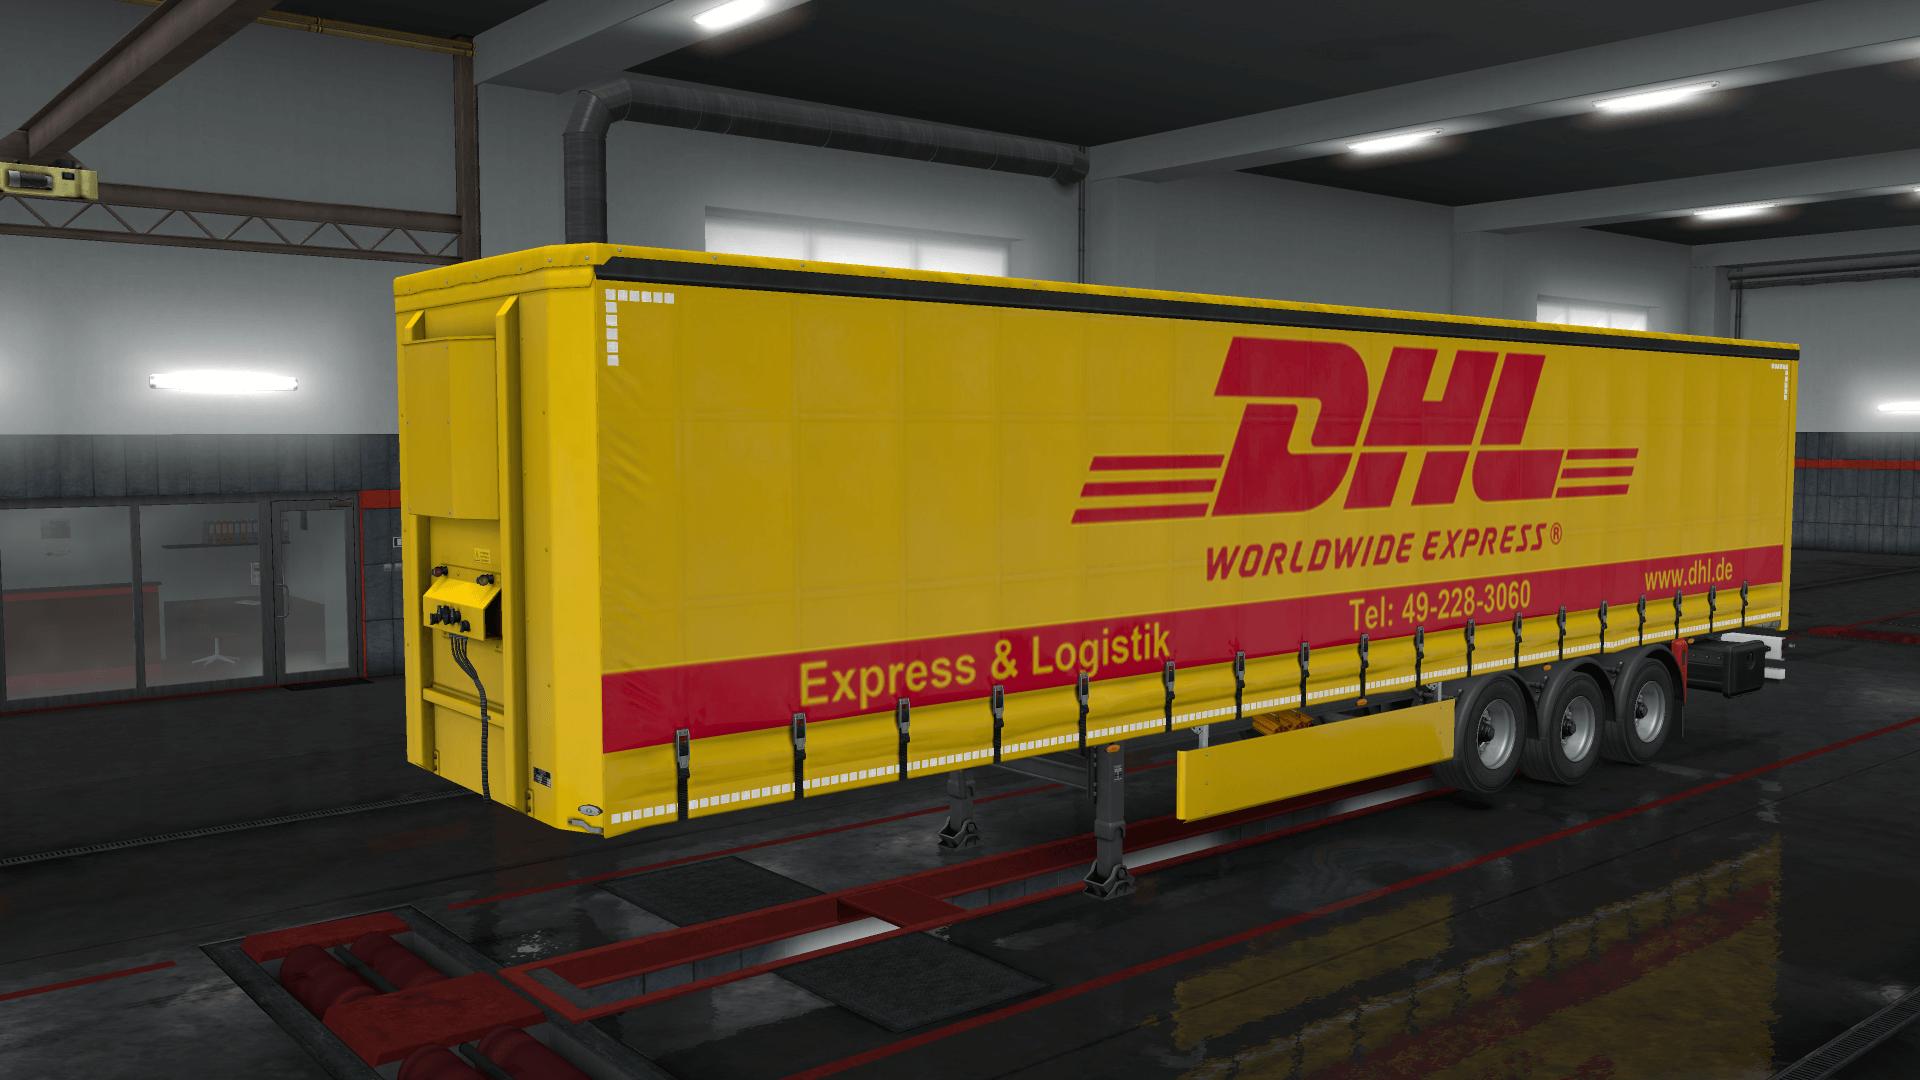 DHL standard Trailer Skin Pack